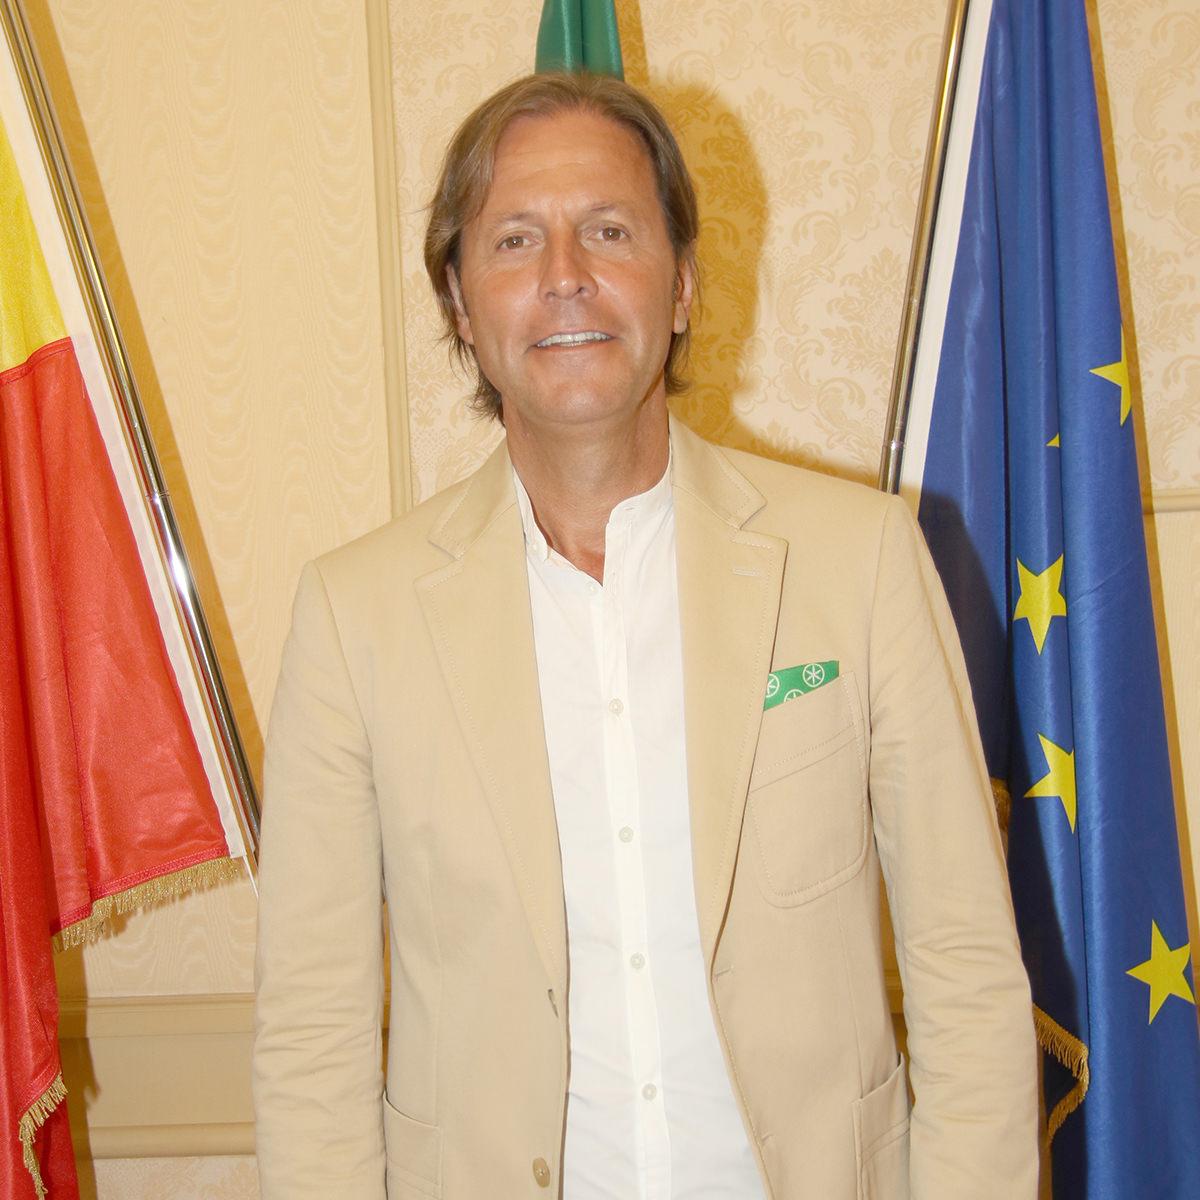 Giuseppe Cognigni Assessore Sicurezza e Cura Urbana